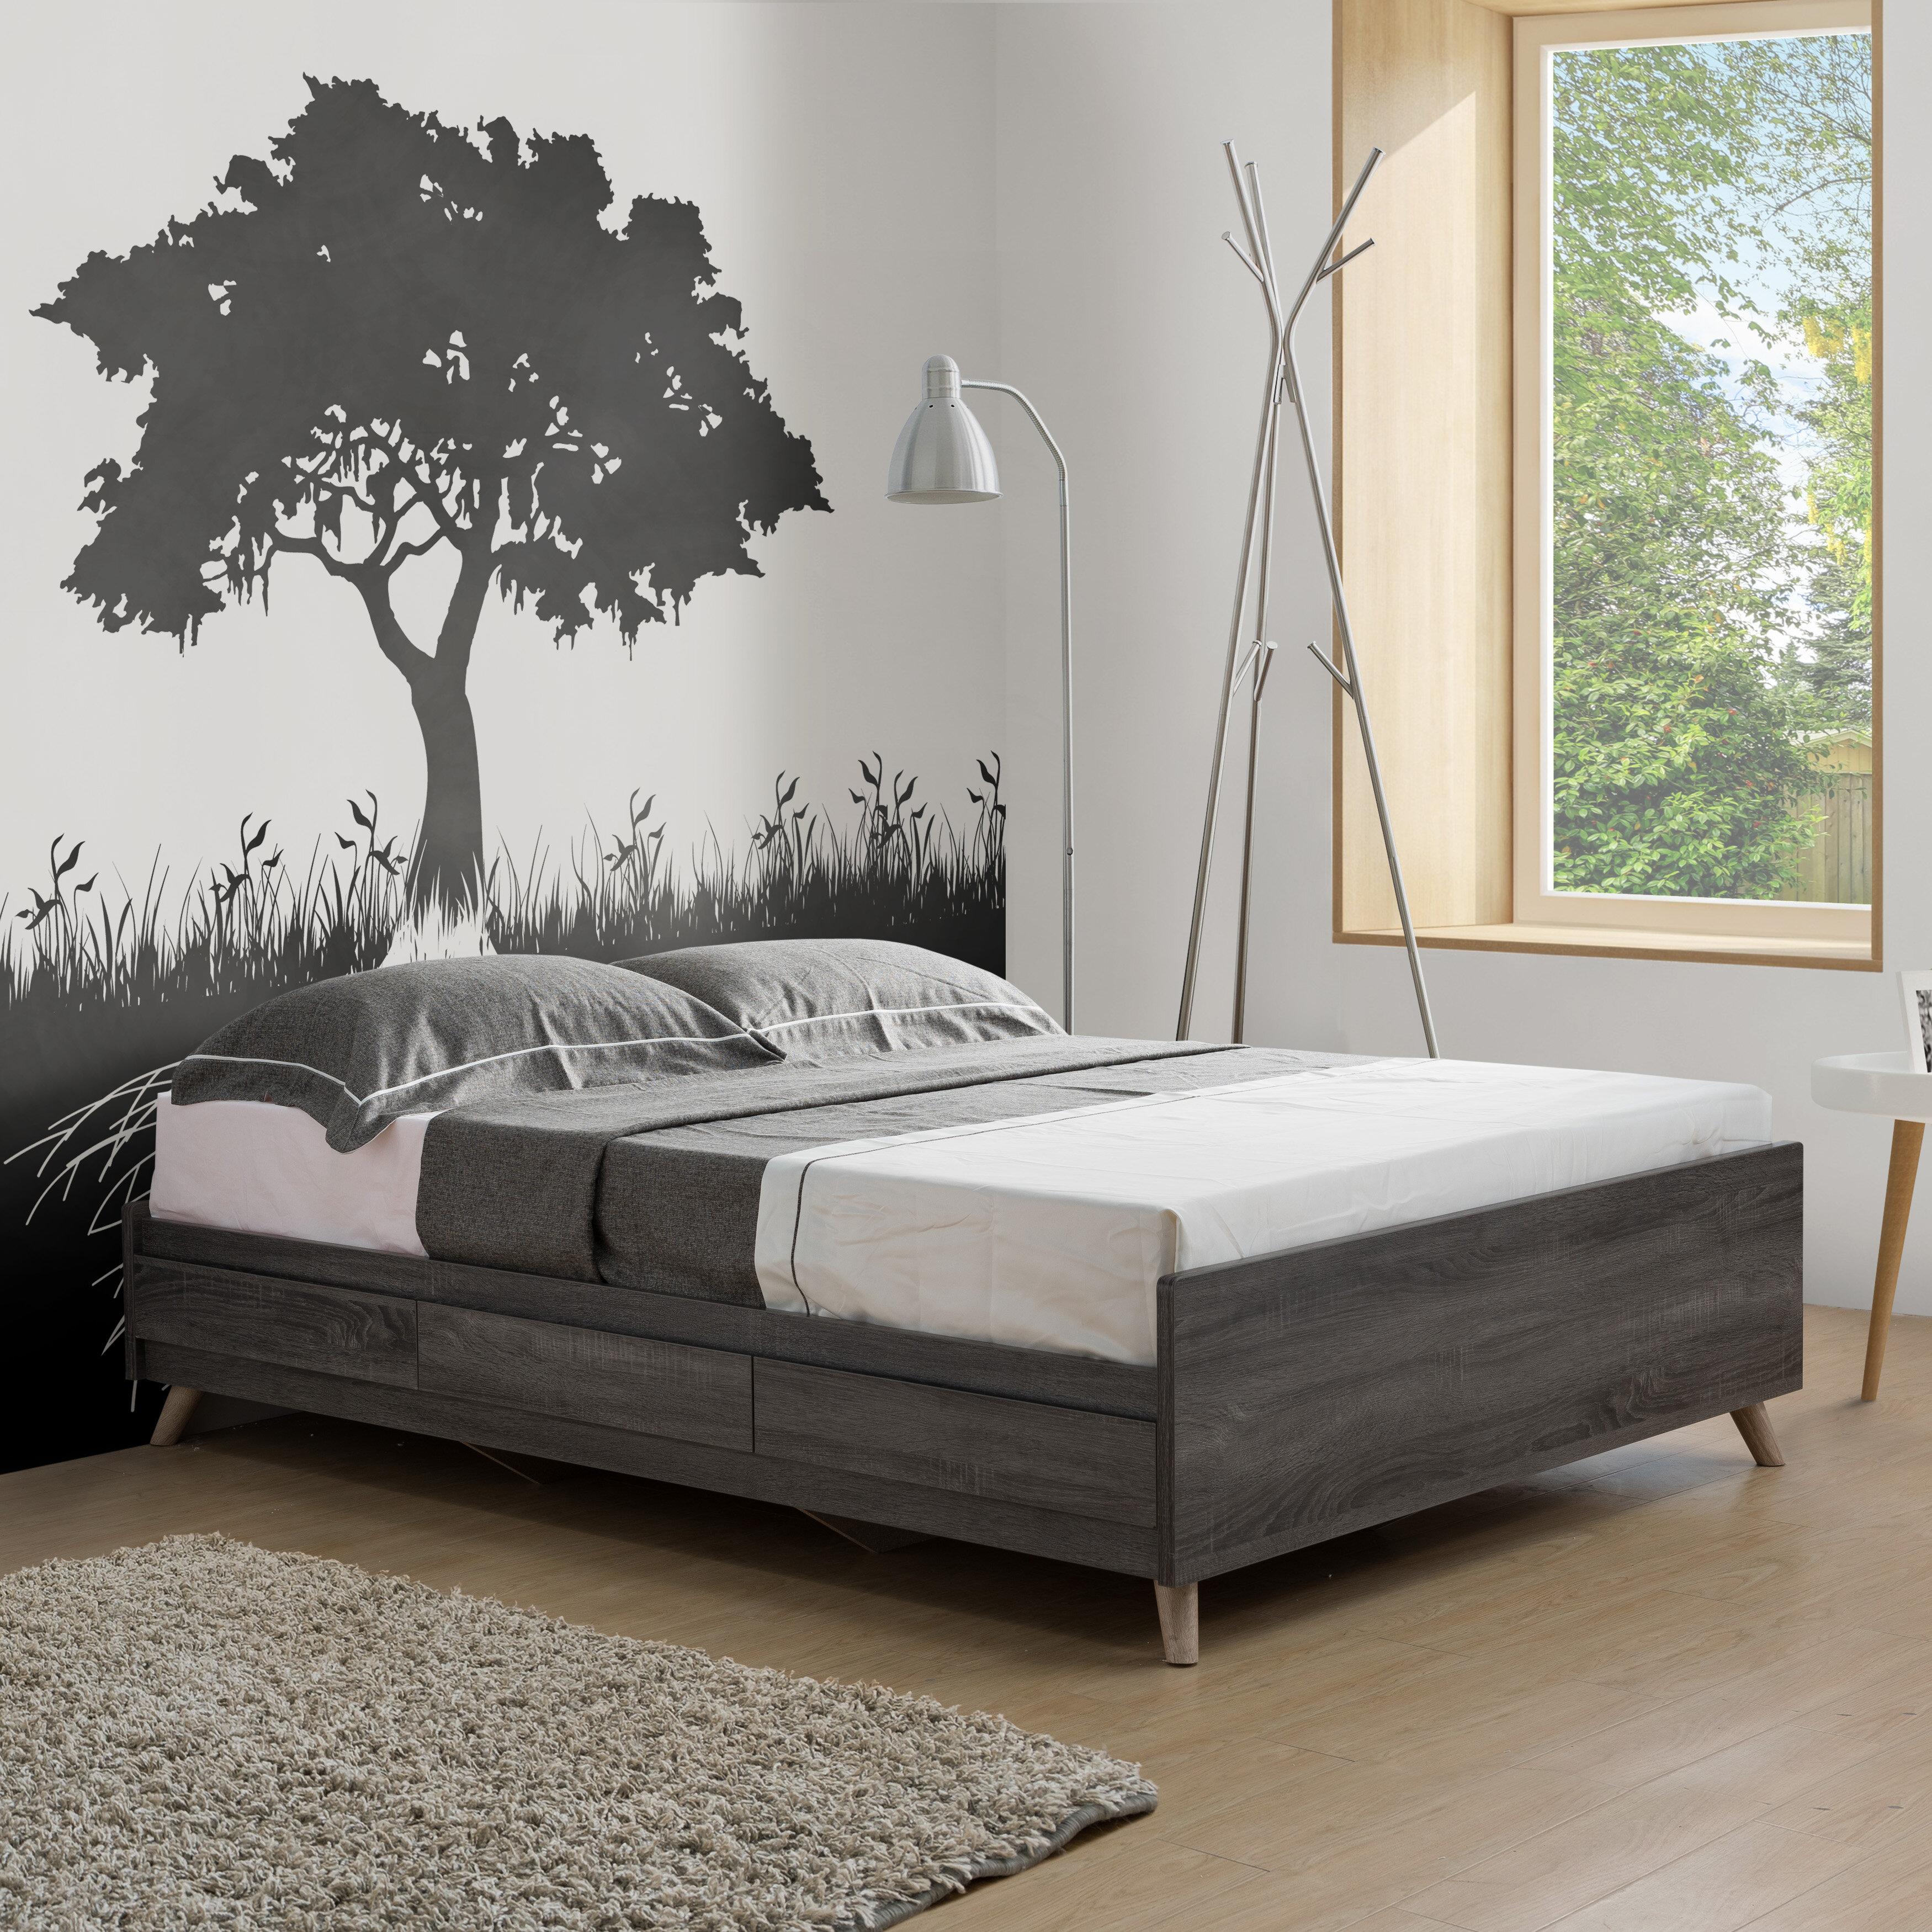 Brayden Studio Urick Low Profile Storage Platform Bed Reviews Wayfair